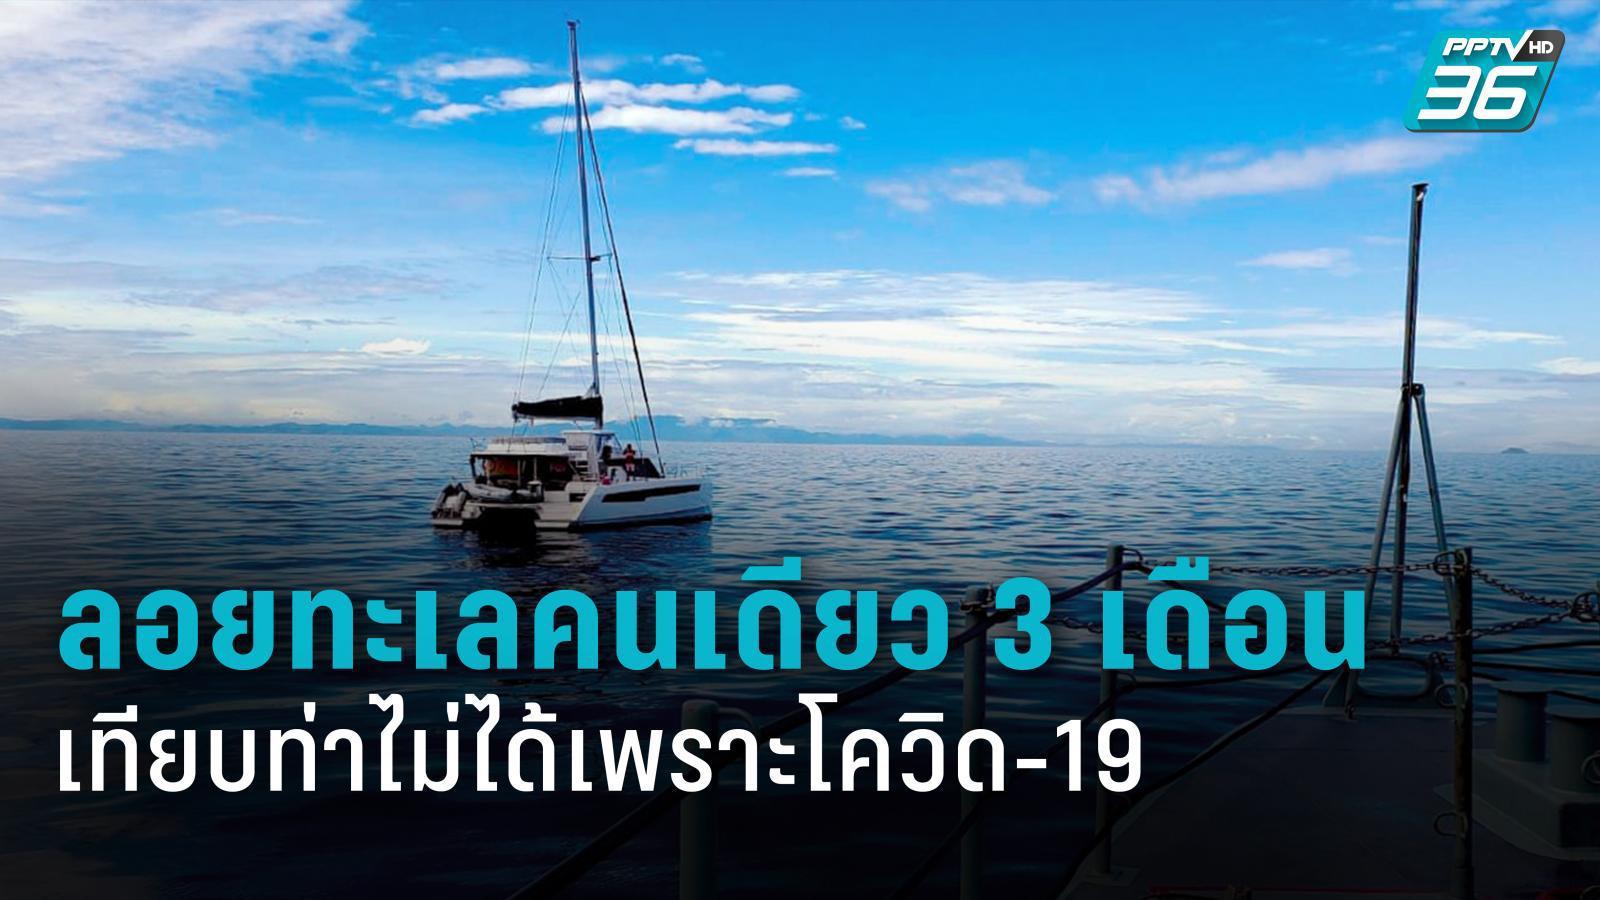 โควิด-19 ทำชาวสิงคโปร์รายหนึ่งจอดเรือเทียบท่าไม่ได้ ต้องติดอยู่ในทะเลนาน 3 เดือน